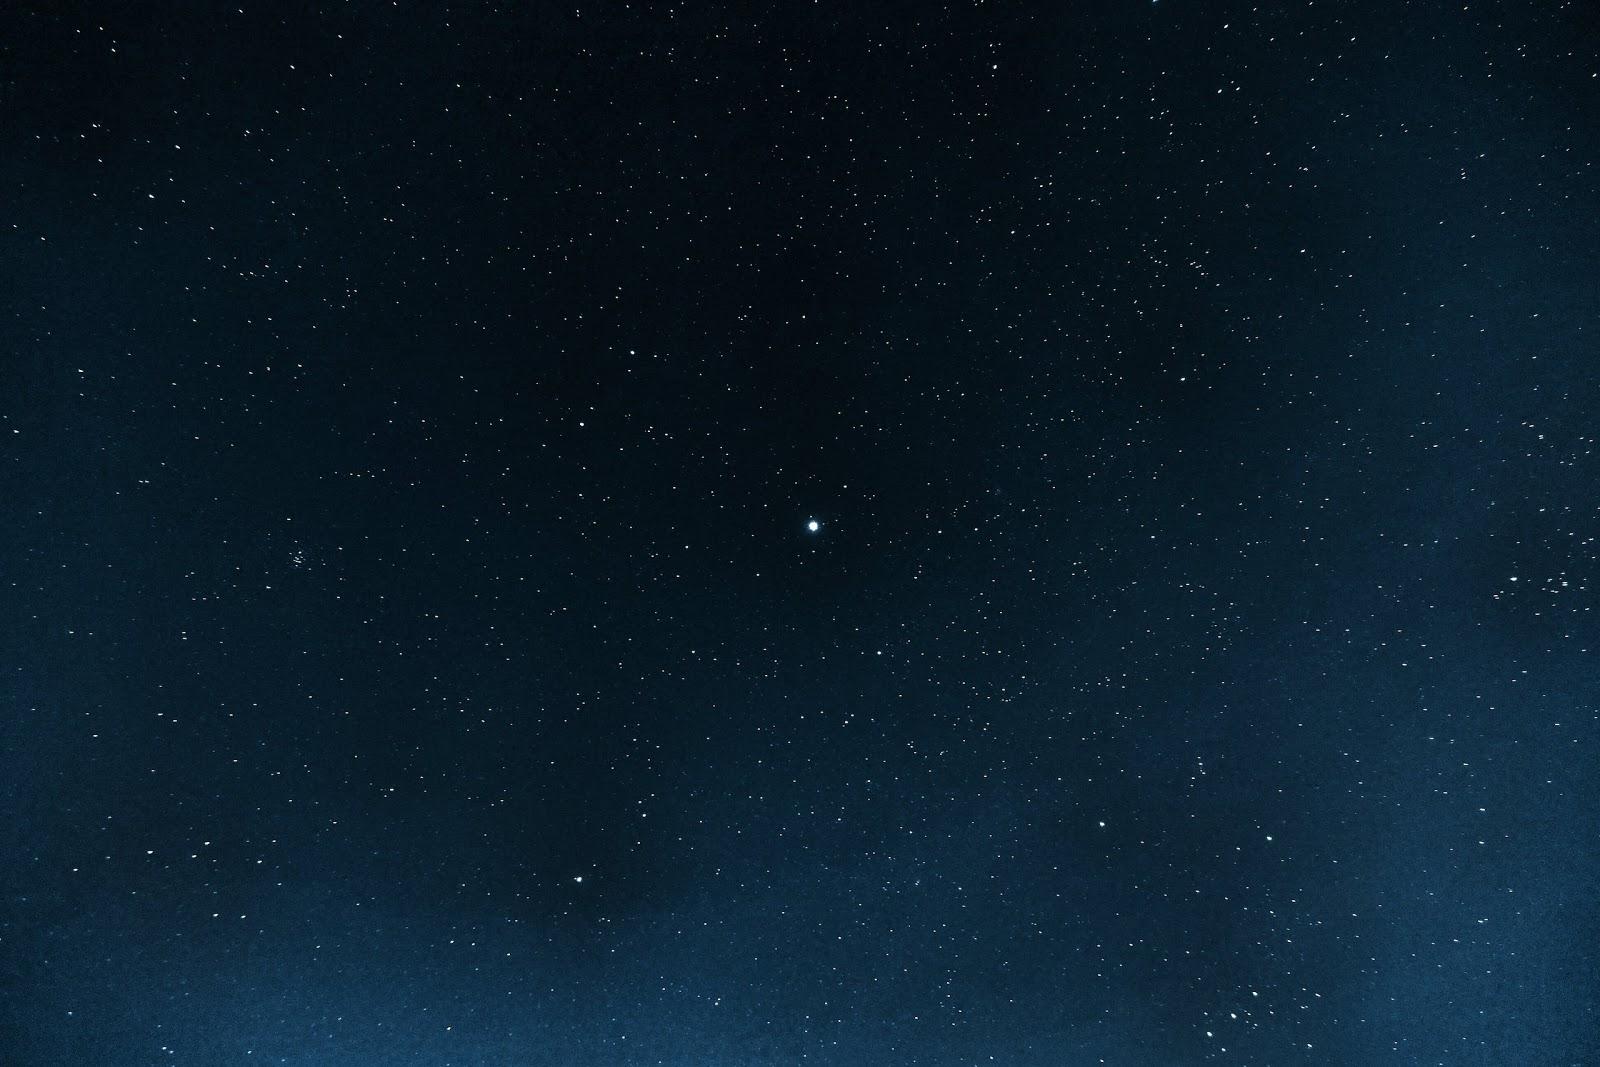 星空 壁紙画像